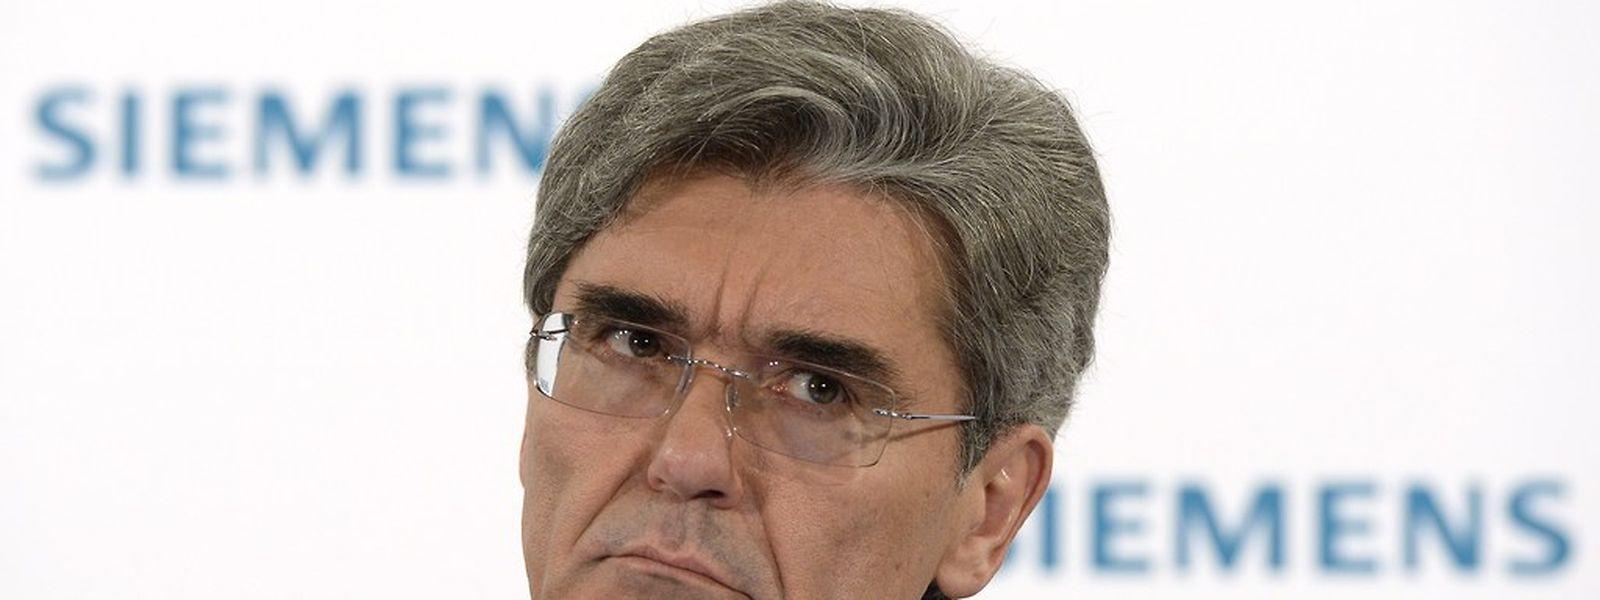 Vorstandschef Joe Kaeser hatte den größten Konzernumbau seit 25 Jahren im Mai 2014 gestartet.